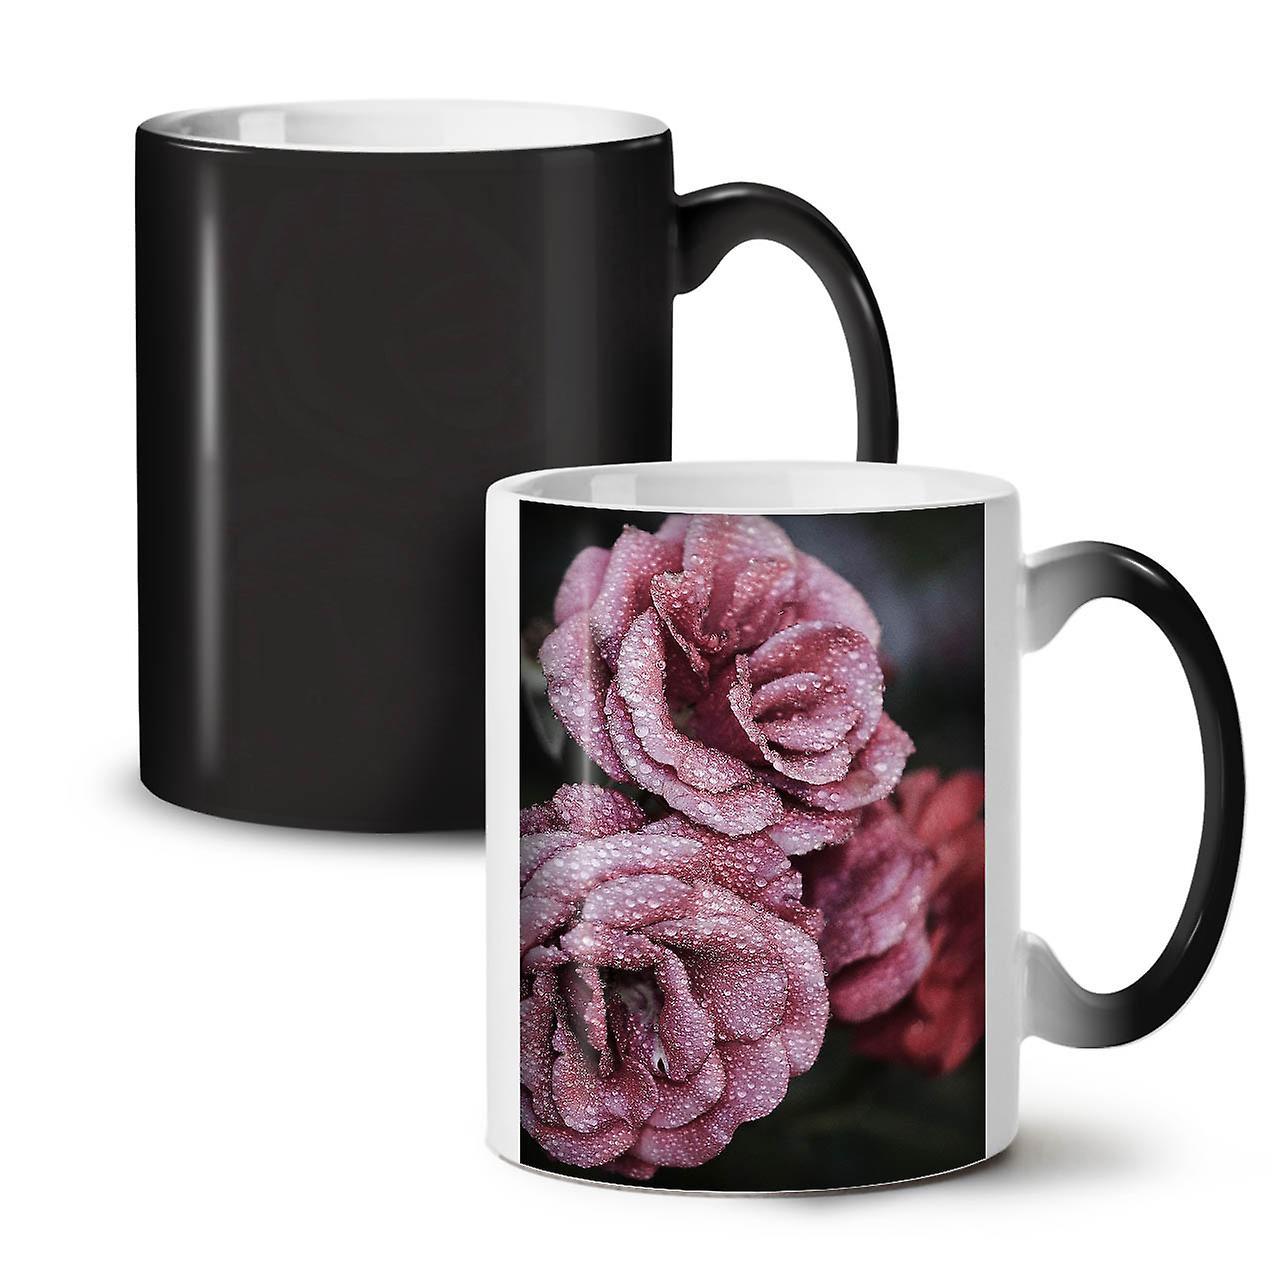 Rose Nature Changeant Céramique Art Nouveau Thé Couleur Belle 11 OzWellcoda Noire Tasse Café nwXZ8O0kNP